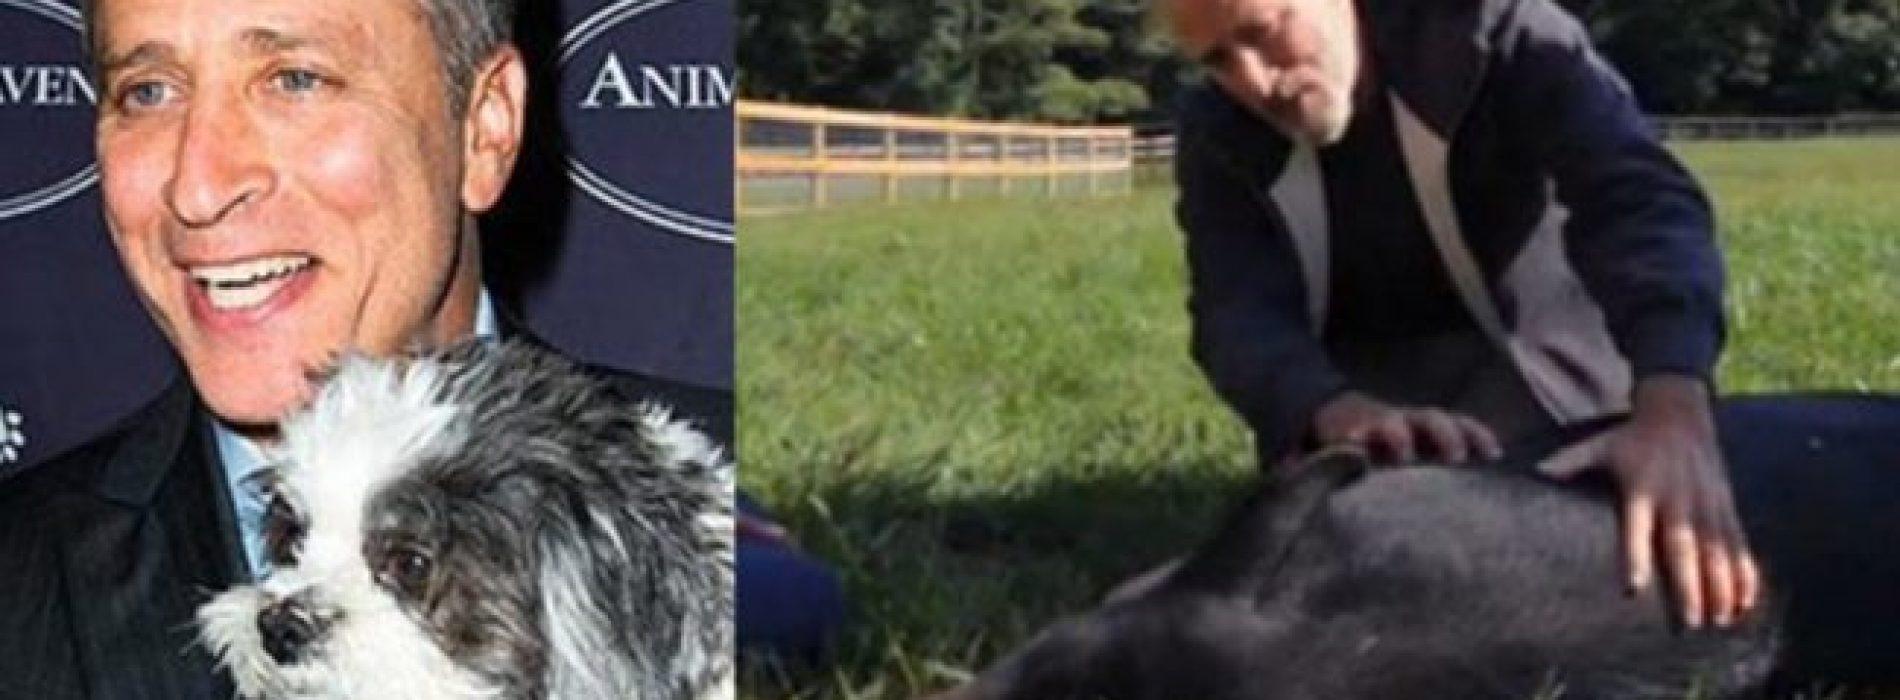 Jon Stewart en zijn vrouw openden een reservaat van 12 hectare voor mishandelde dieren